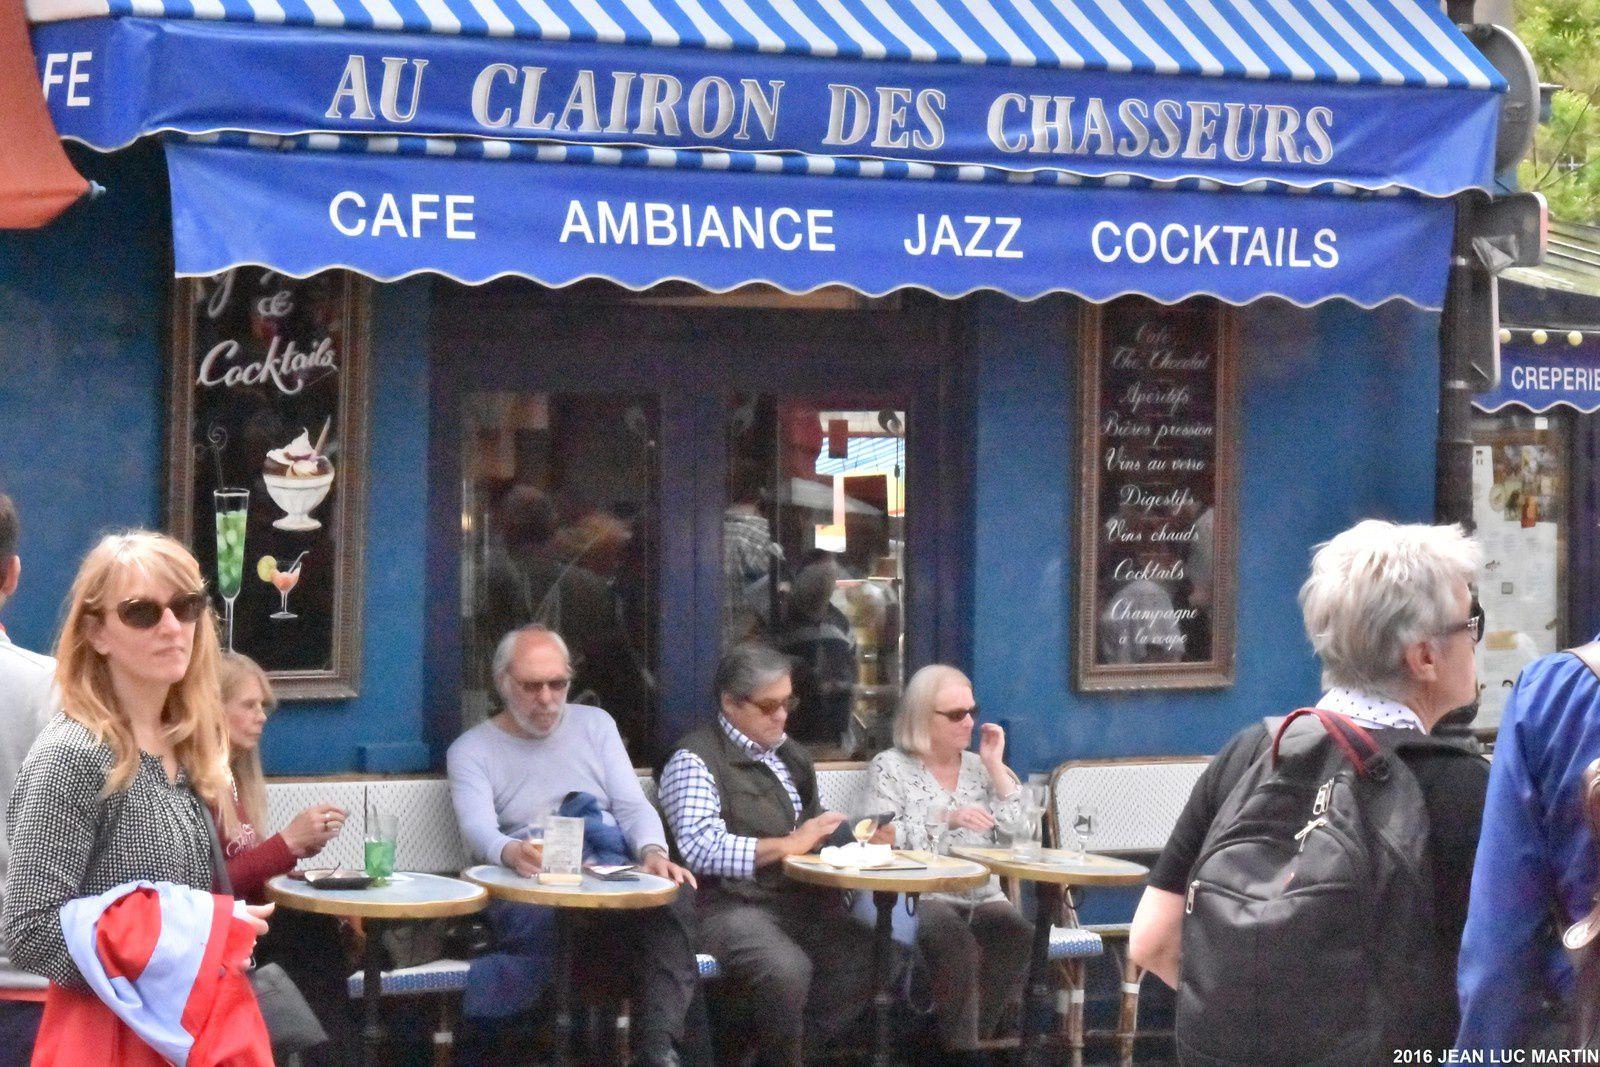 """""""LE CLAIRON DES CHASSEURS"""" A PARIS: UN TEMPLE CULTE DU JAZZ MANOUCHE"""